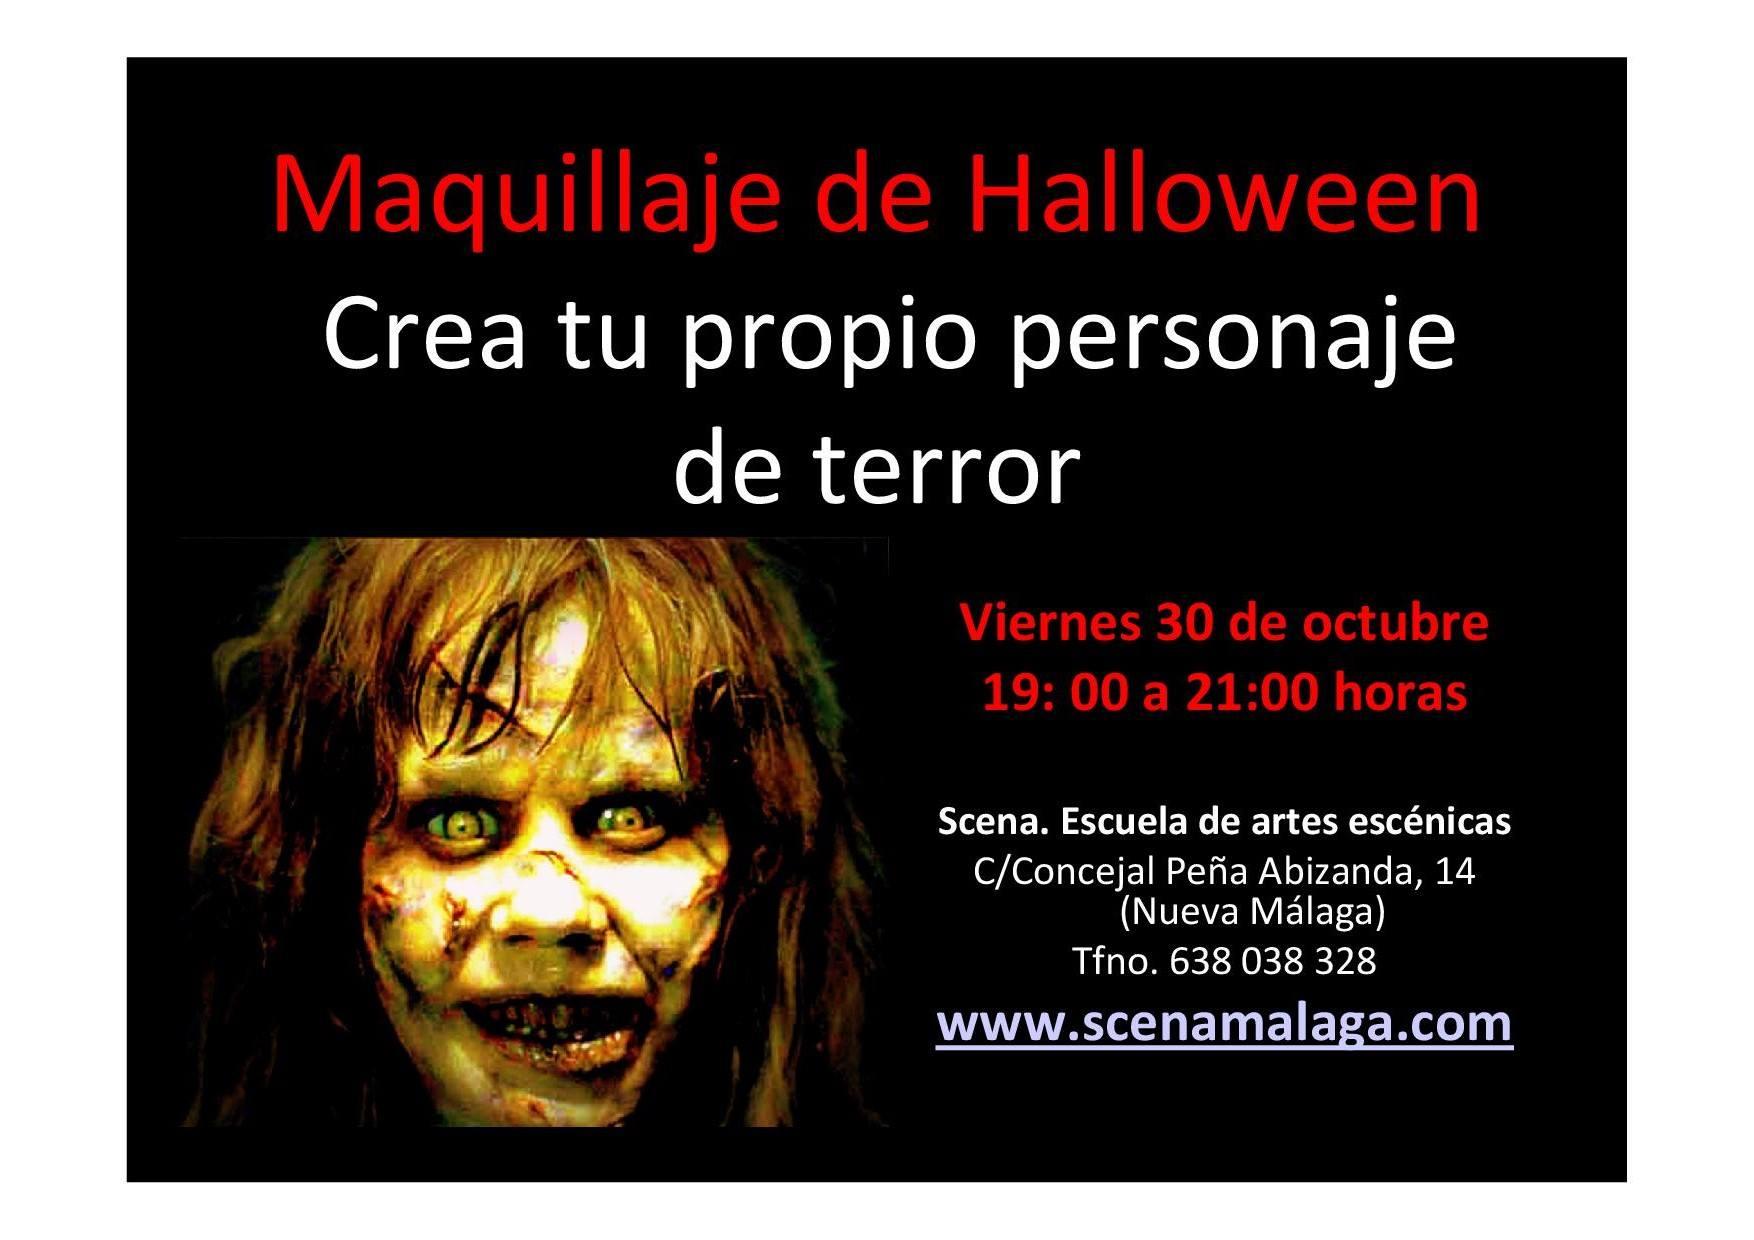 Cartel del taller de maquillaje de Halloween